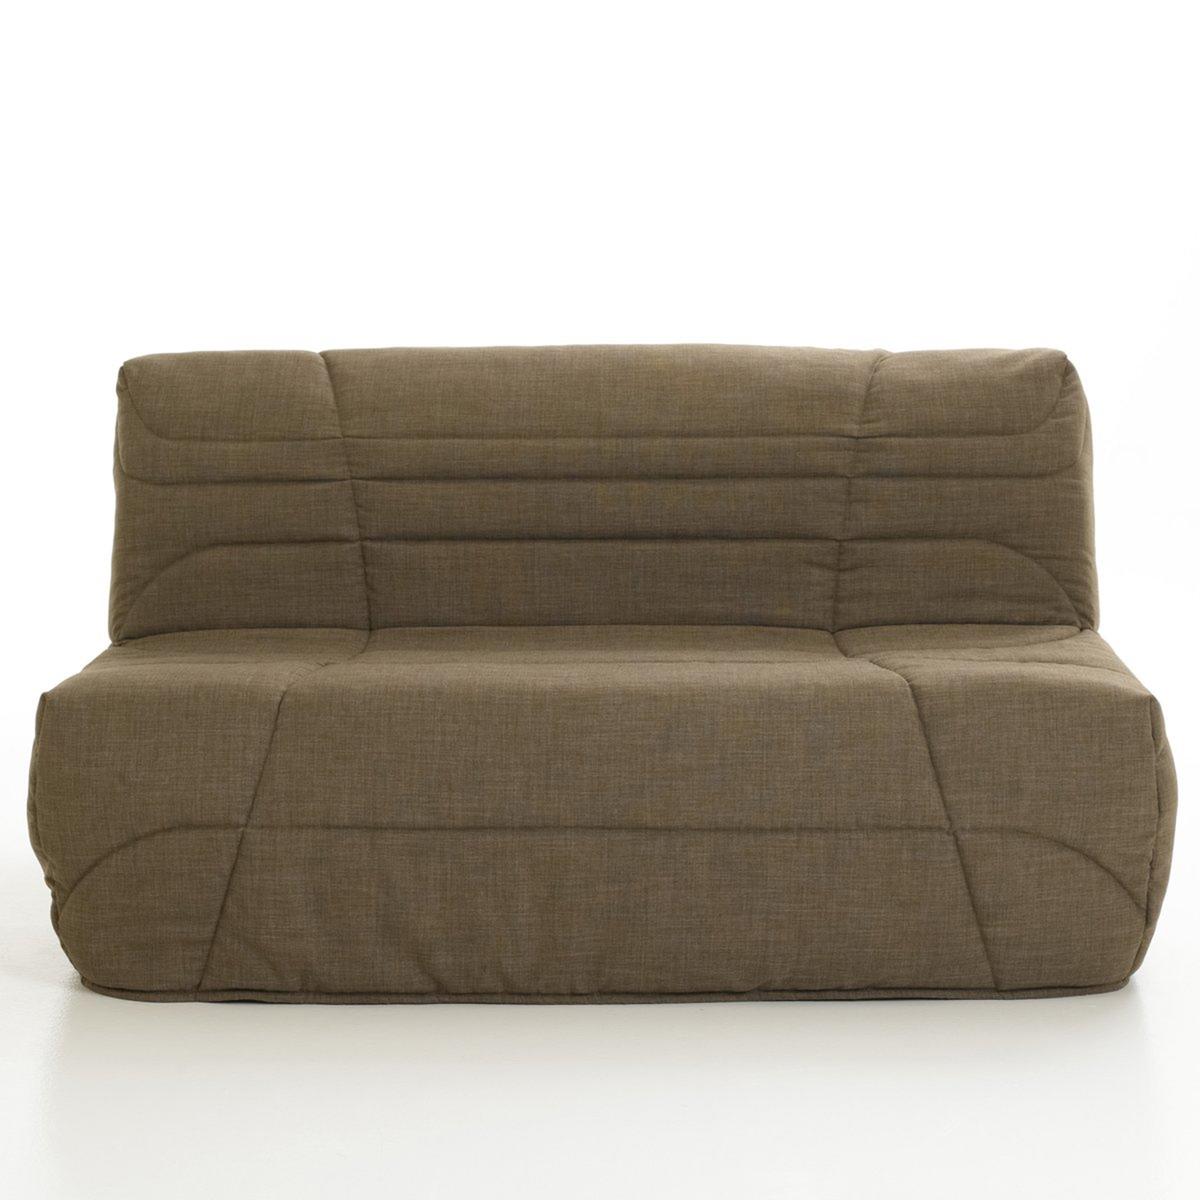 Чехол для дивана-книжки, толщина 14 см, усовершенствованная модельЧехол для дивана-книжки, усовершенствованная модель. - Практичный, позволит сменить декор и продлить срок службы вашего дивана-книжки ! Сделано в Европе. Размеры :3 варианта ширины :Ширина 90 см, толщина 14 смШирина 140 см, толщина 14 смШирина 160 см, толщина 14 смОписание :- Практичный, позволит сменить декор и продлить срок службы вашего дивана-книжки!- Стеганый чехол с наполнителем из полиэстера, плотность. 250 г/м3Застежка на молнию- Поставляется в комплекте с 2 чехлами на подушку-валик (кроме модели 90 см)Обивка :- Однотонная расцветка : 100% хлопок, пропитка от пятен (250 г/м?)- Расцветка с рисунком : 50% хлопка, 50% полиэстера- Меланжевая расцветка : 100% полиэстер- Предоставляем бесплатные образцы материала : Введите примеры дивана-книжки в поисковой системе на сайте laredoute.ru.Другие модели коллекции диванов-книжки вы можете найти на сайте laredoute.ru<br><br>Цвет: антрацит,светло-серый,серо-каштановый меланж,сине-зеленый<br>Размер: 90 x 190  см.140 x 190  см